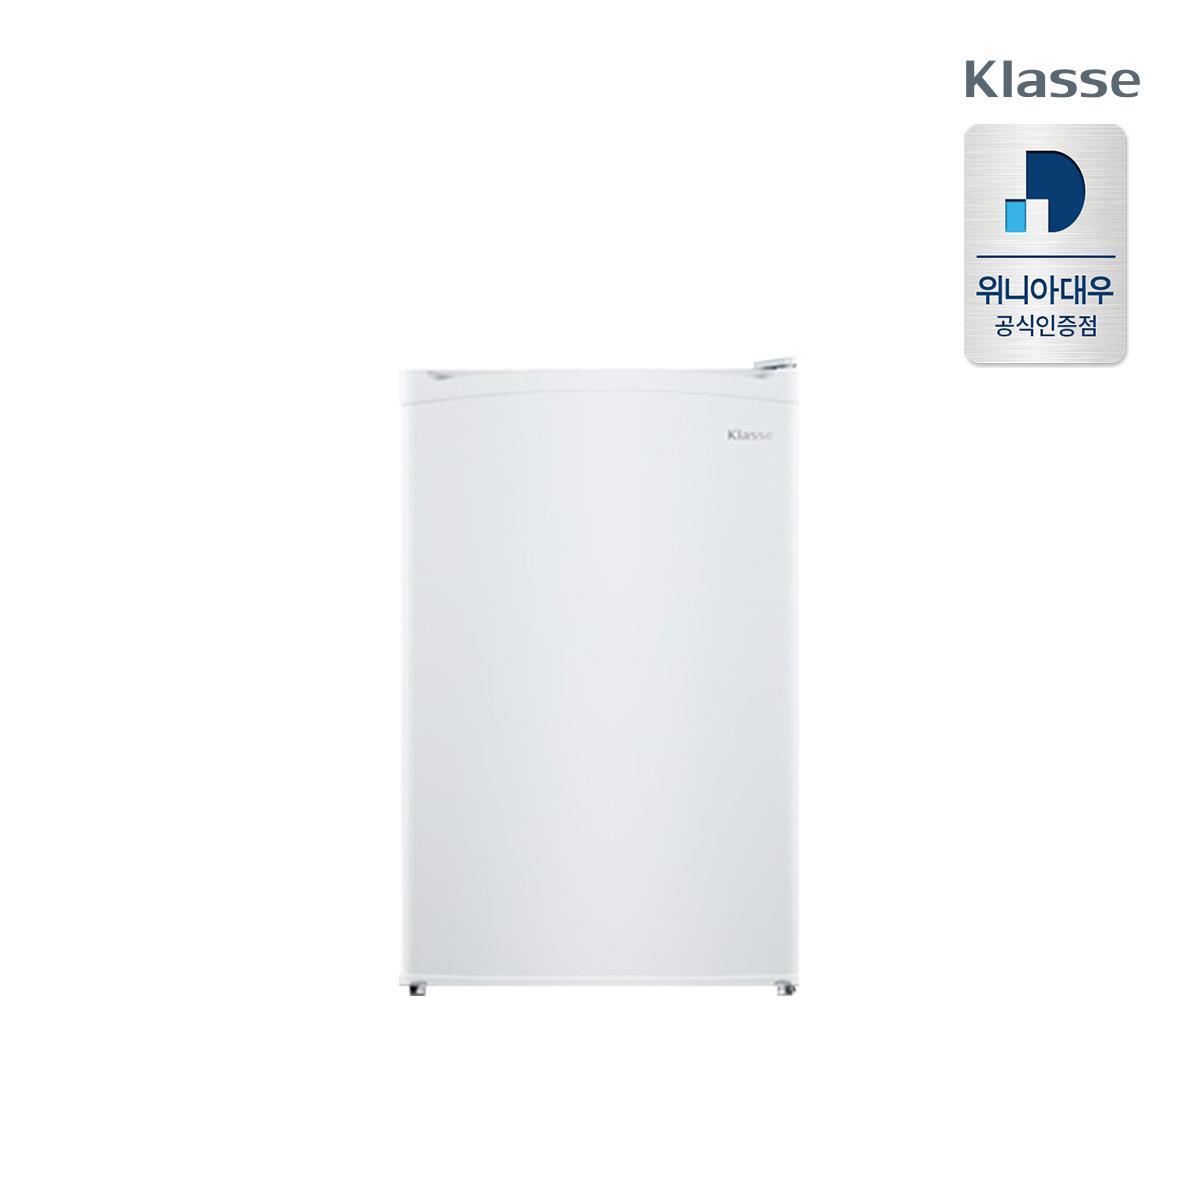 클라쎄 설치무료 73L 1등급 소형냉장고 사무실 원룸 EKRA081CDW